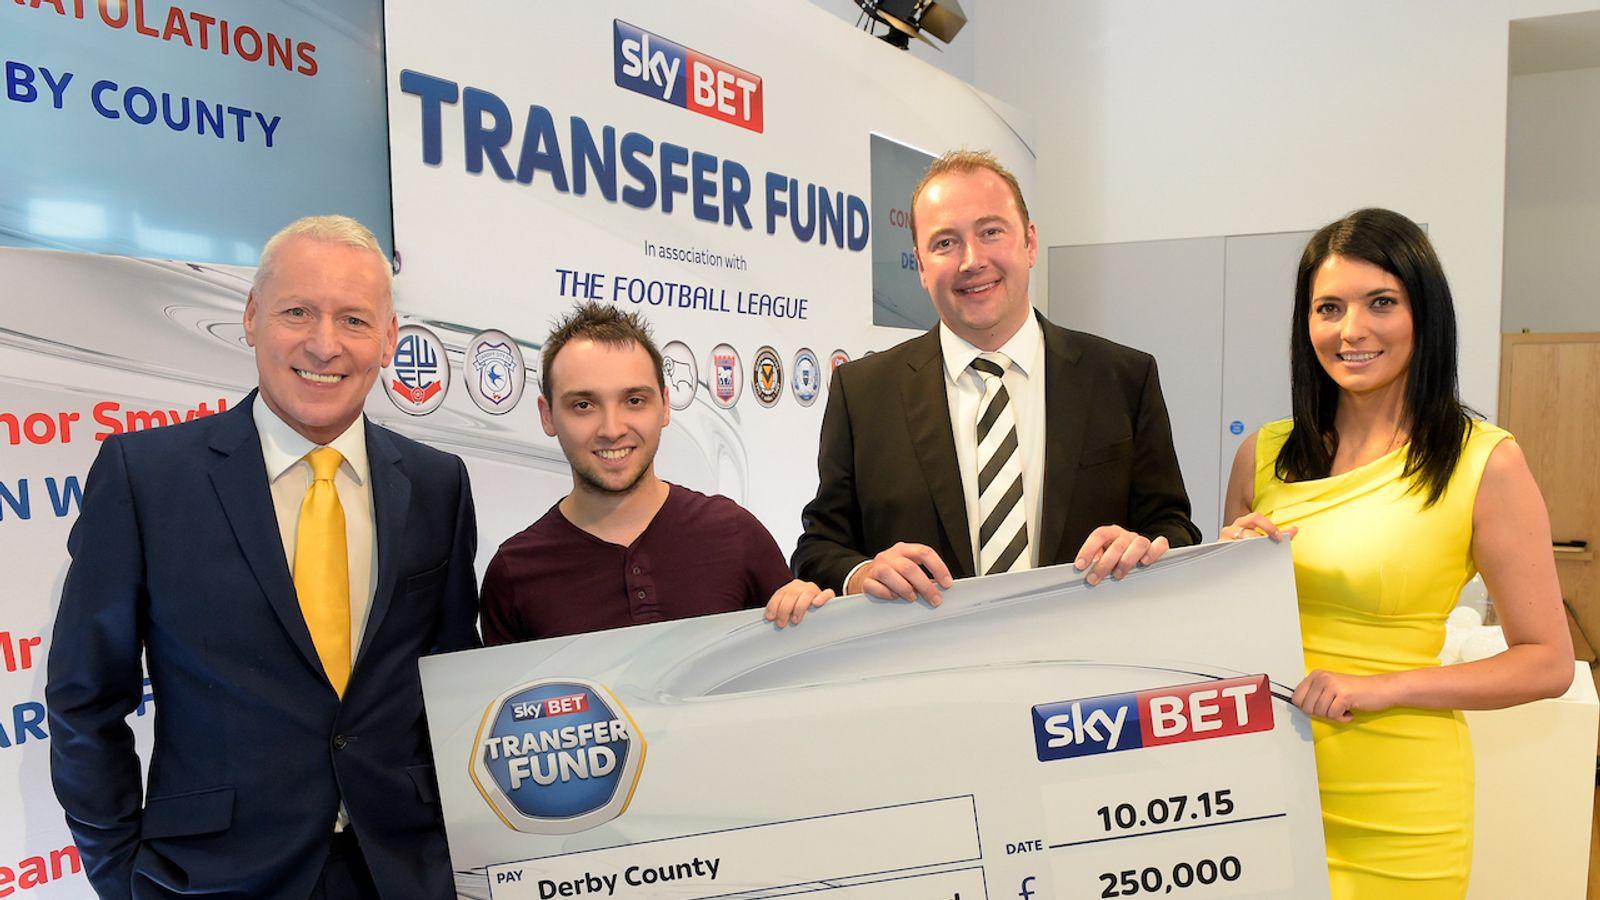 Sky Transfer Bet